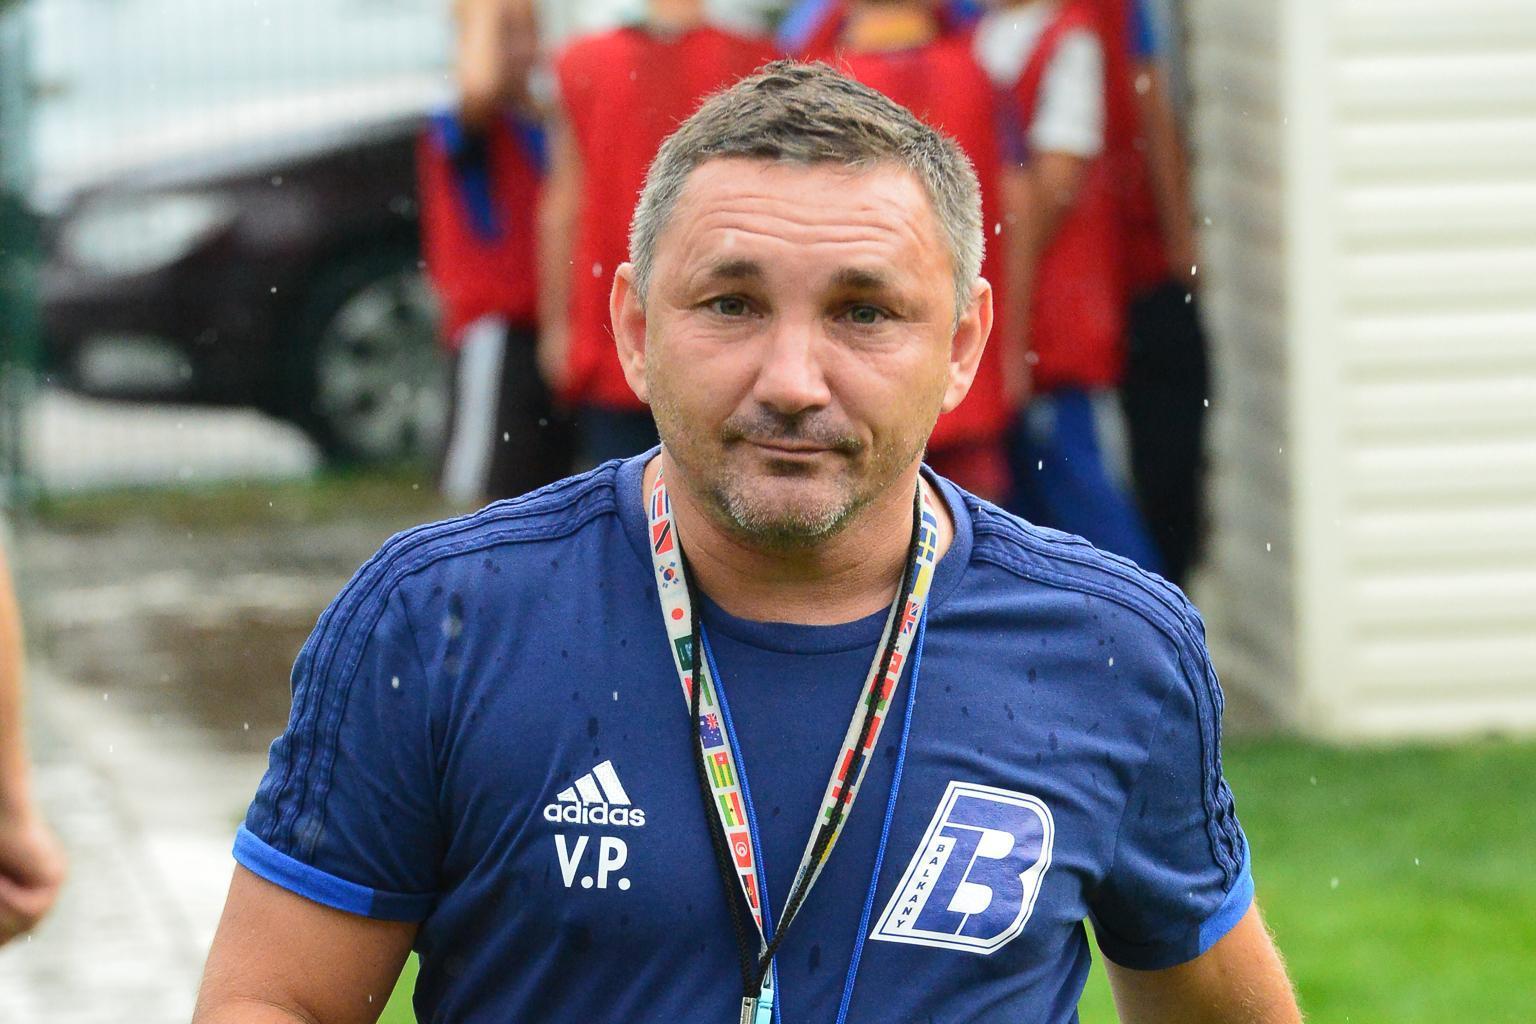 Полтавец: «Балканы» 40 минут играли вдесятером против команды, которая рвется в Премьер-лигу